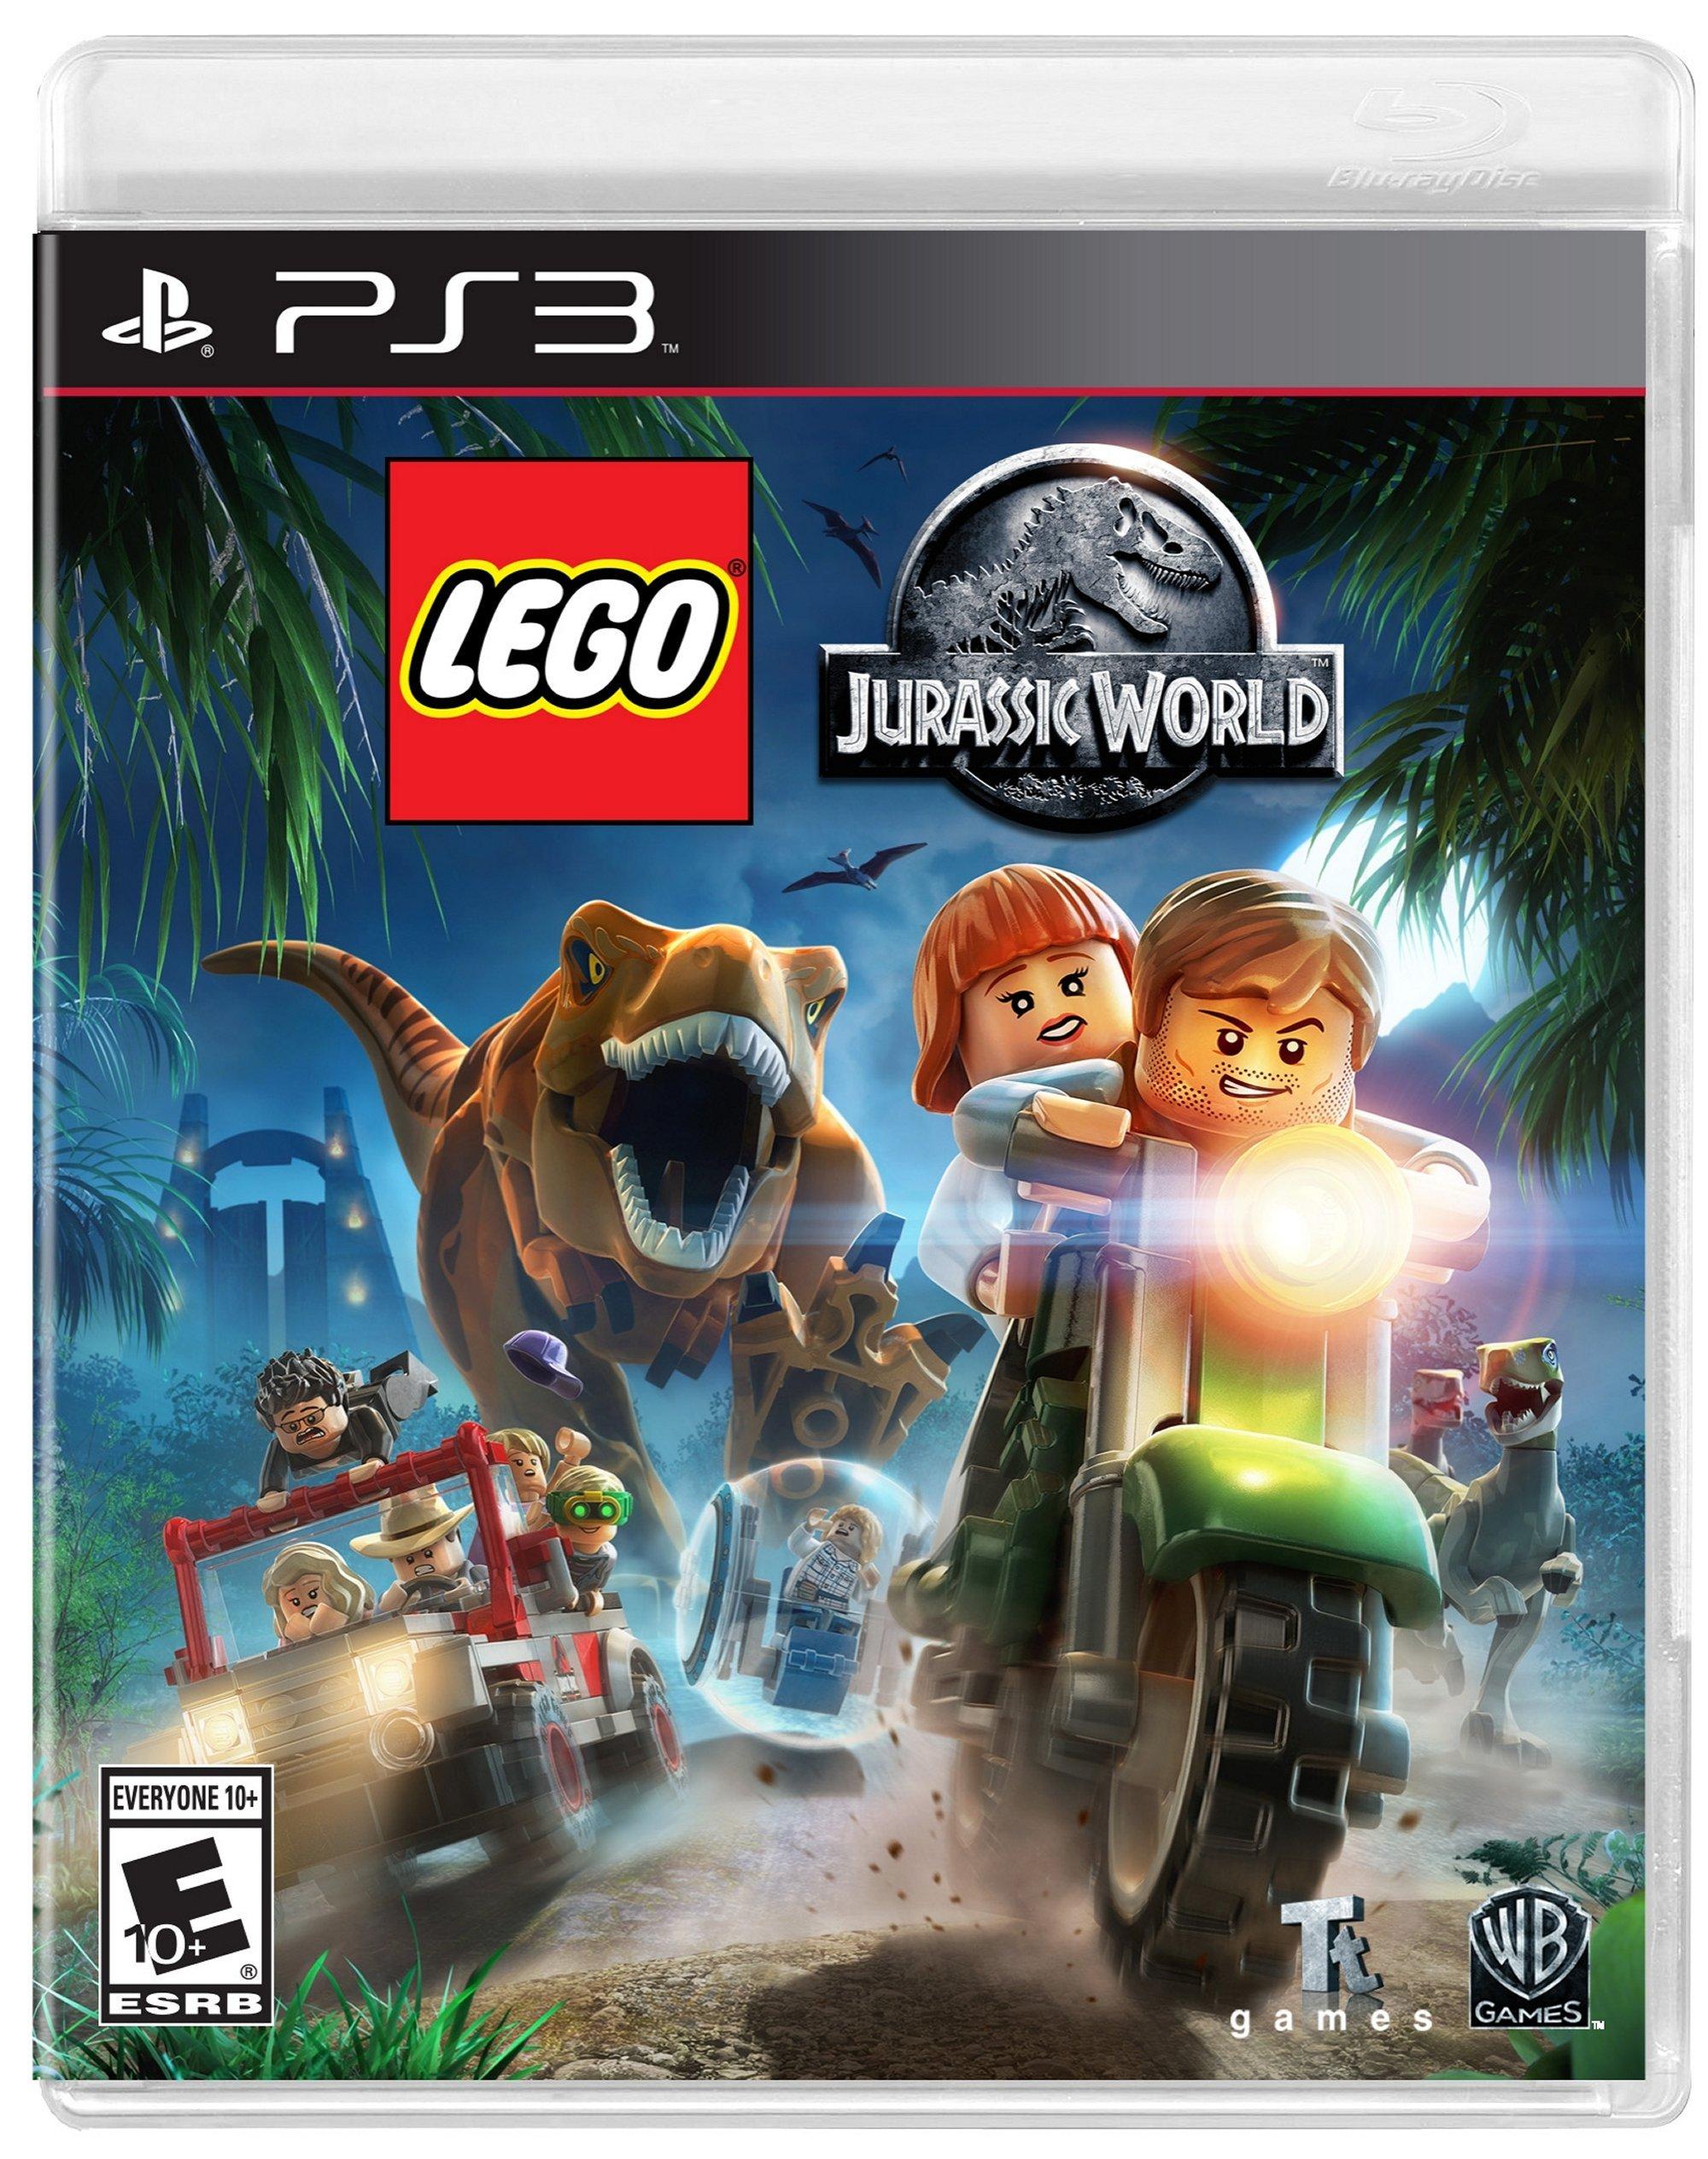 LEGO Jurassic World – PlayStation 3